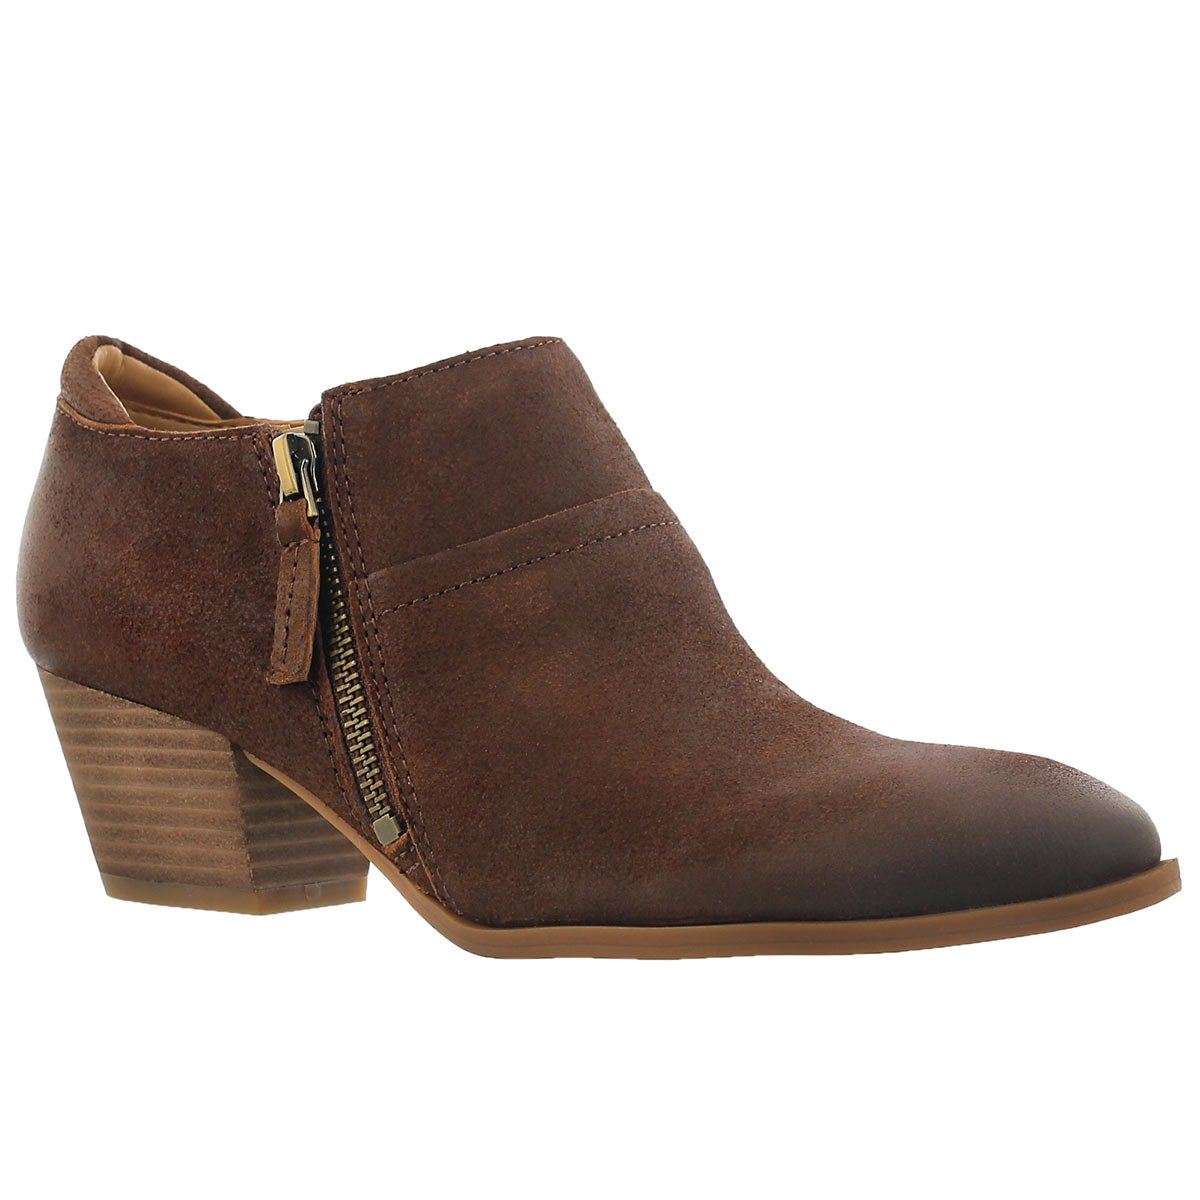 Lds Greco tan zip up casual heel